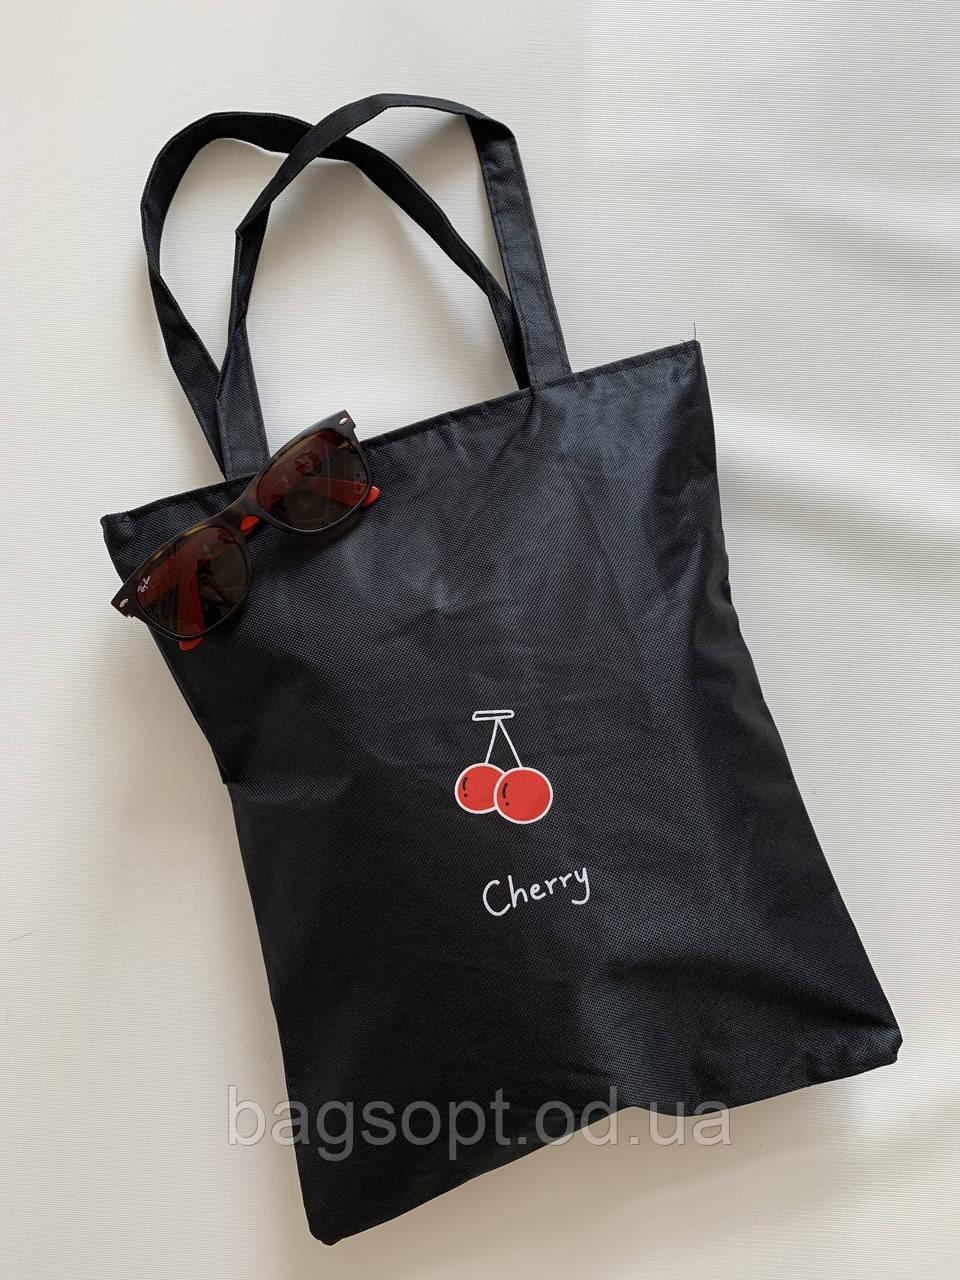 Эко сумка-шоппер черная с принтом текстильная из хлопка